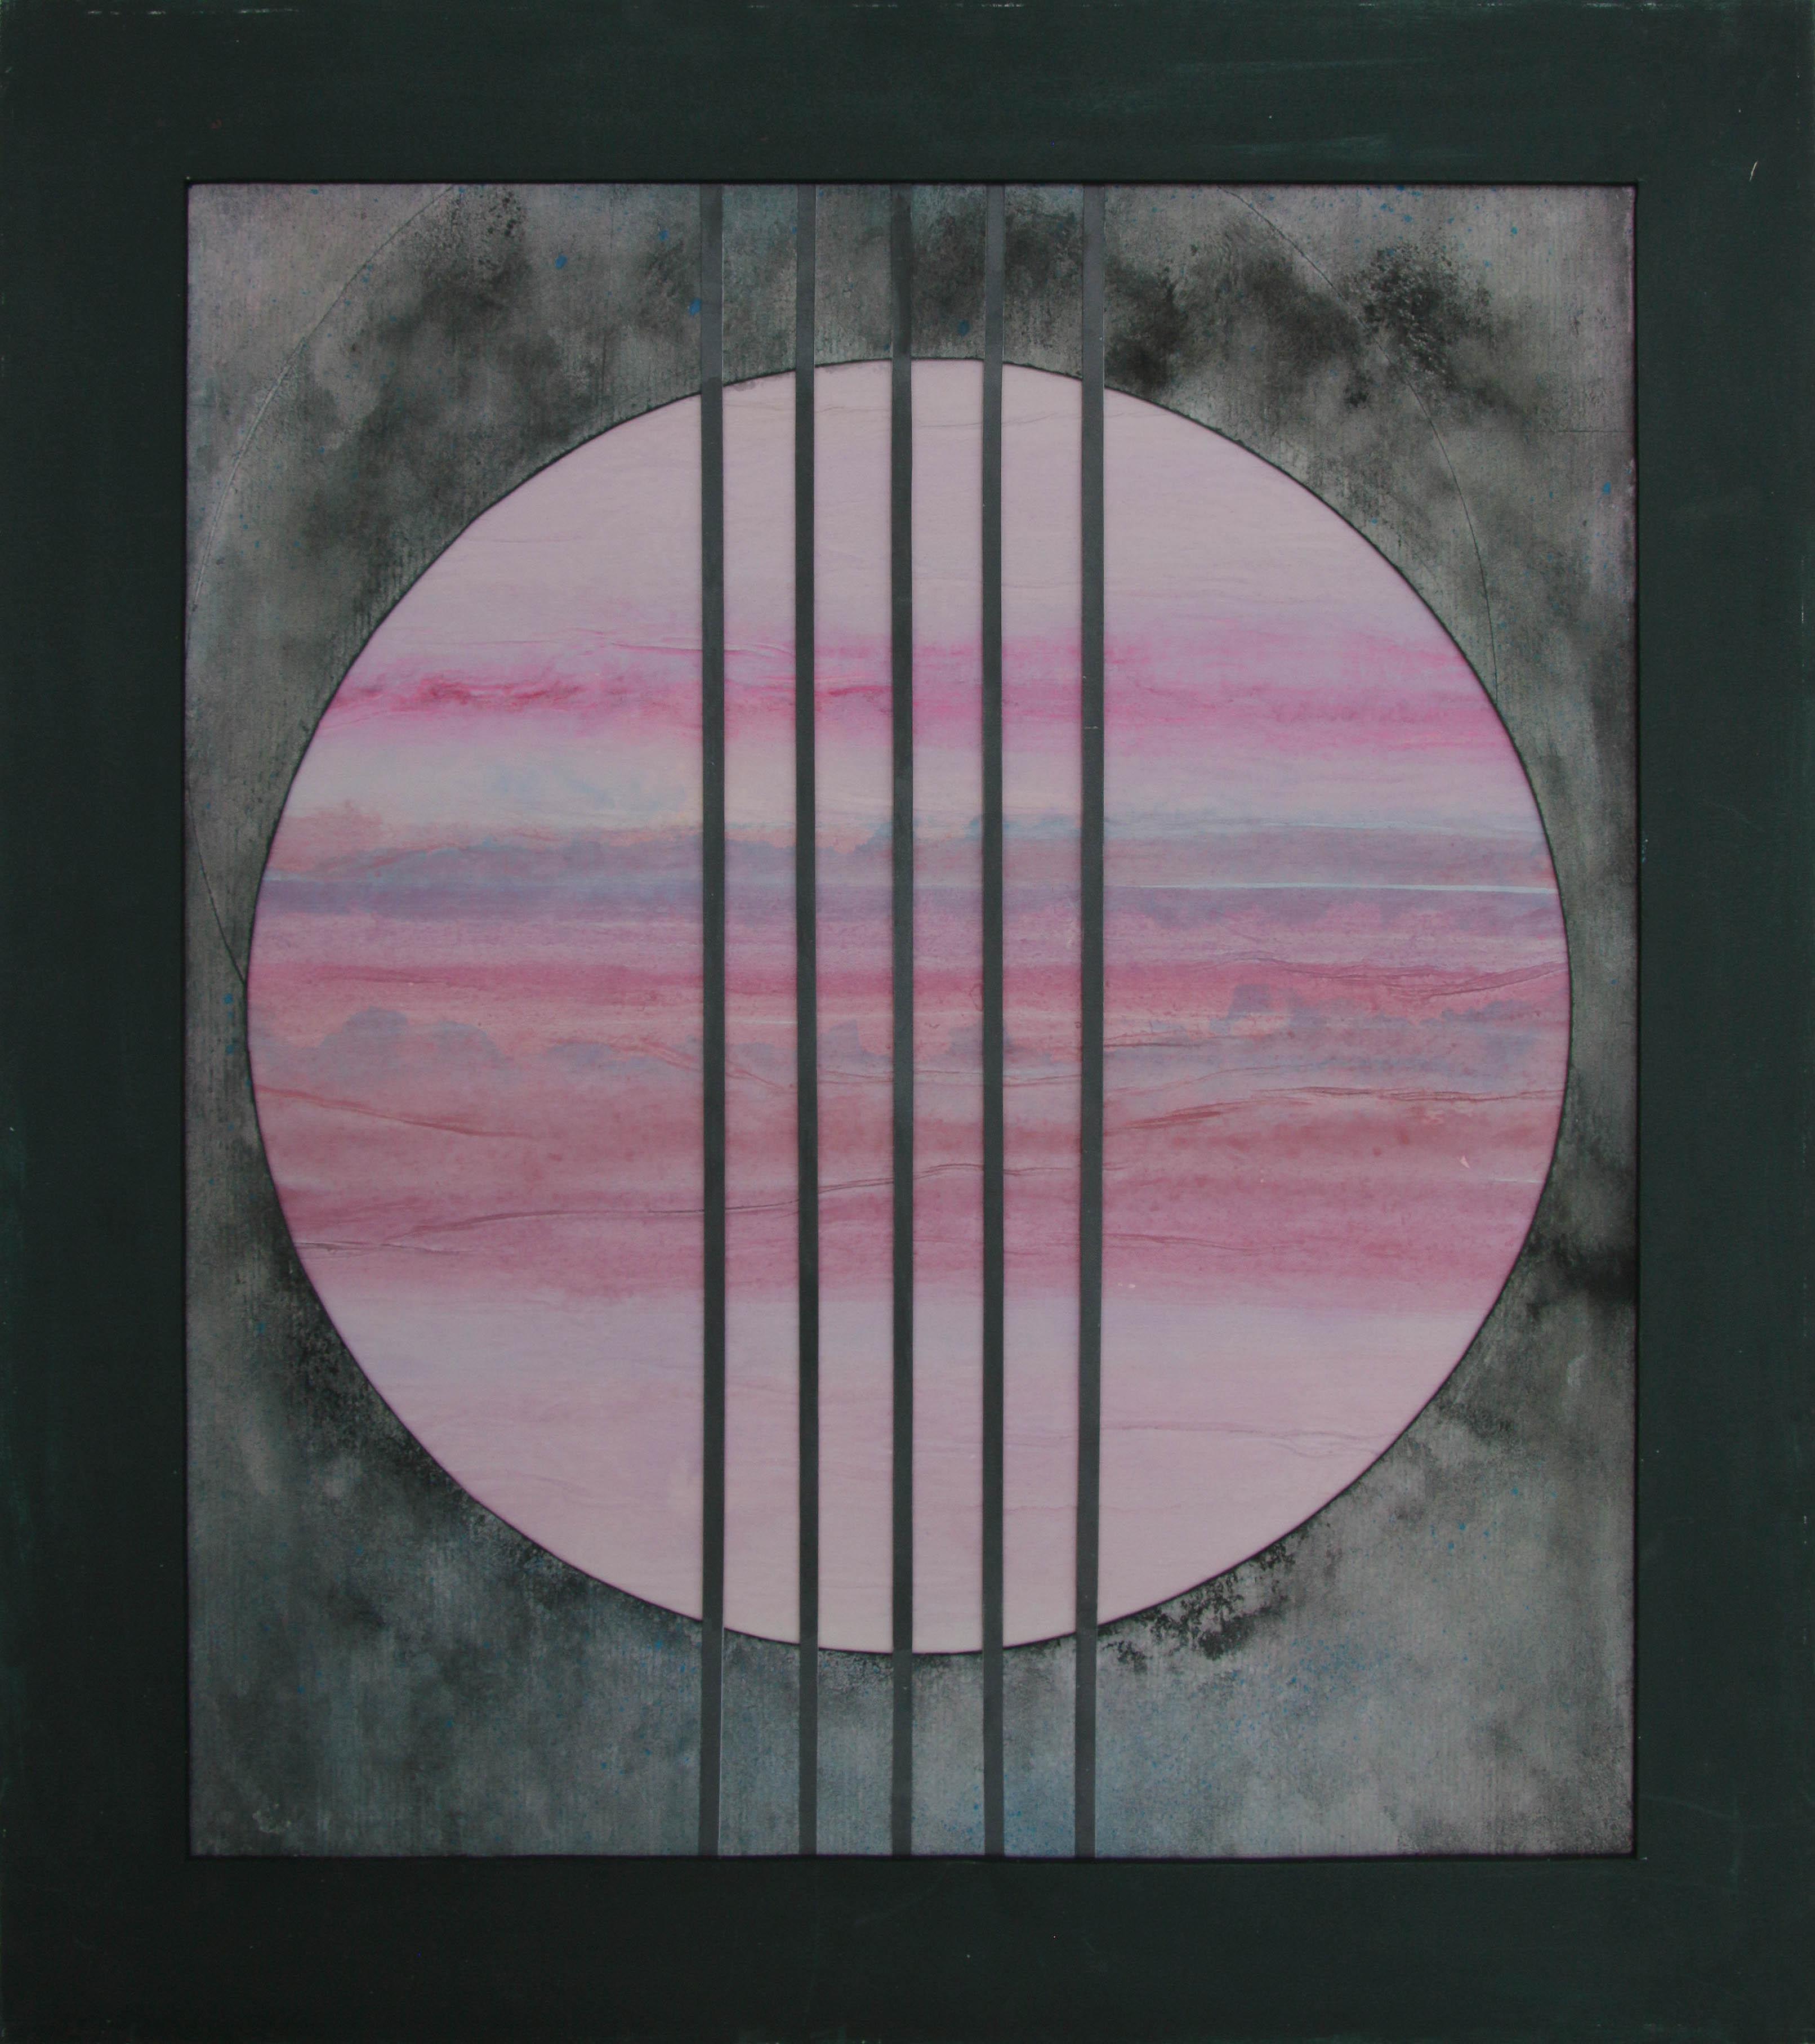 Kompozycja, 1977 r.